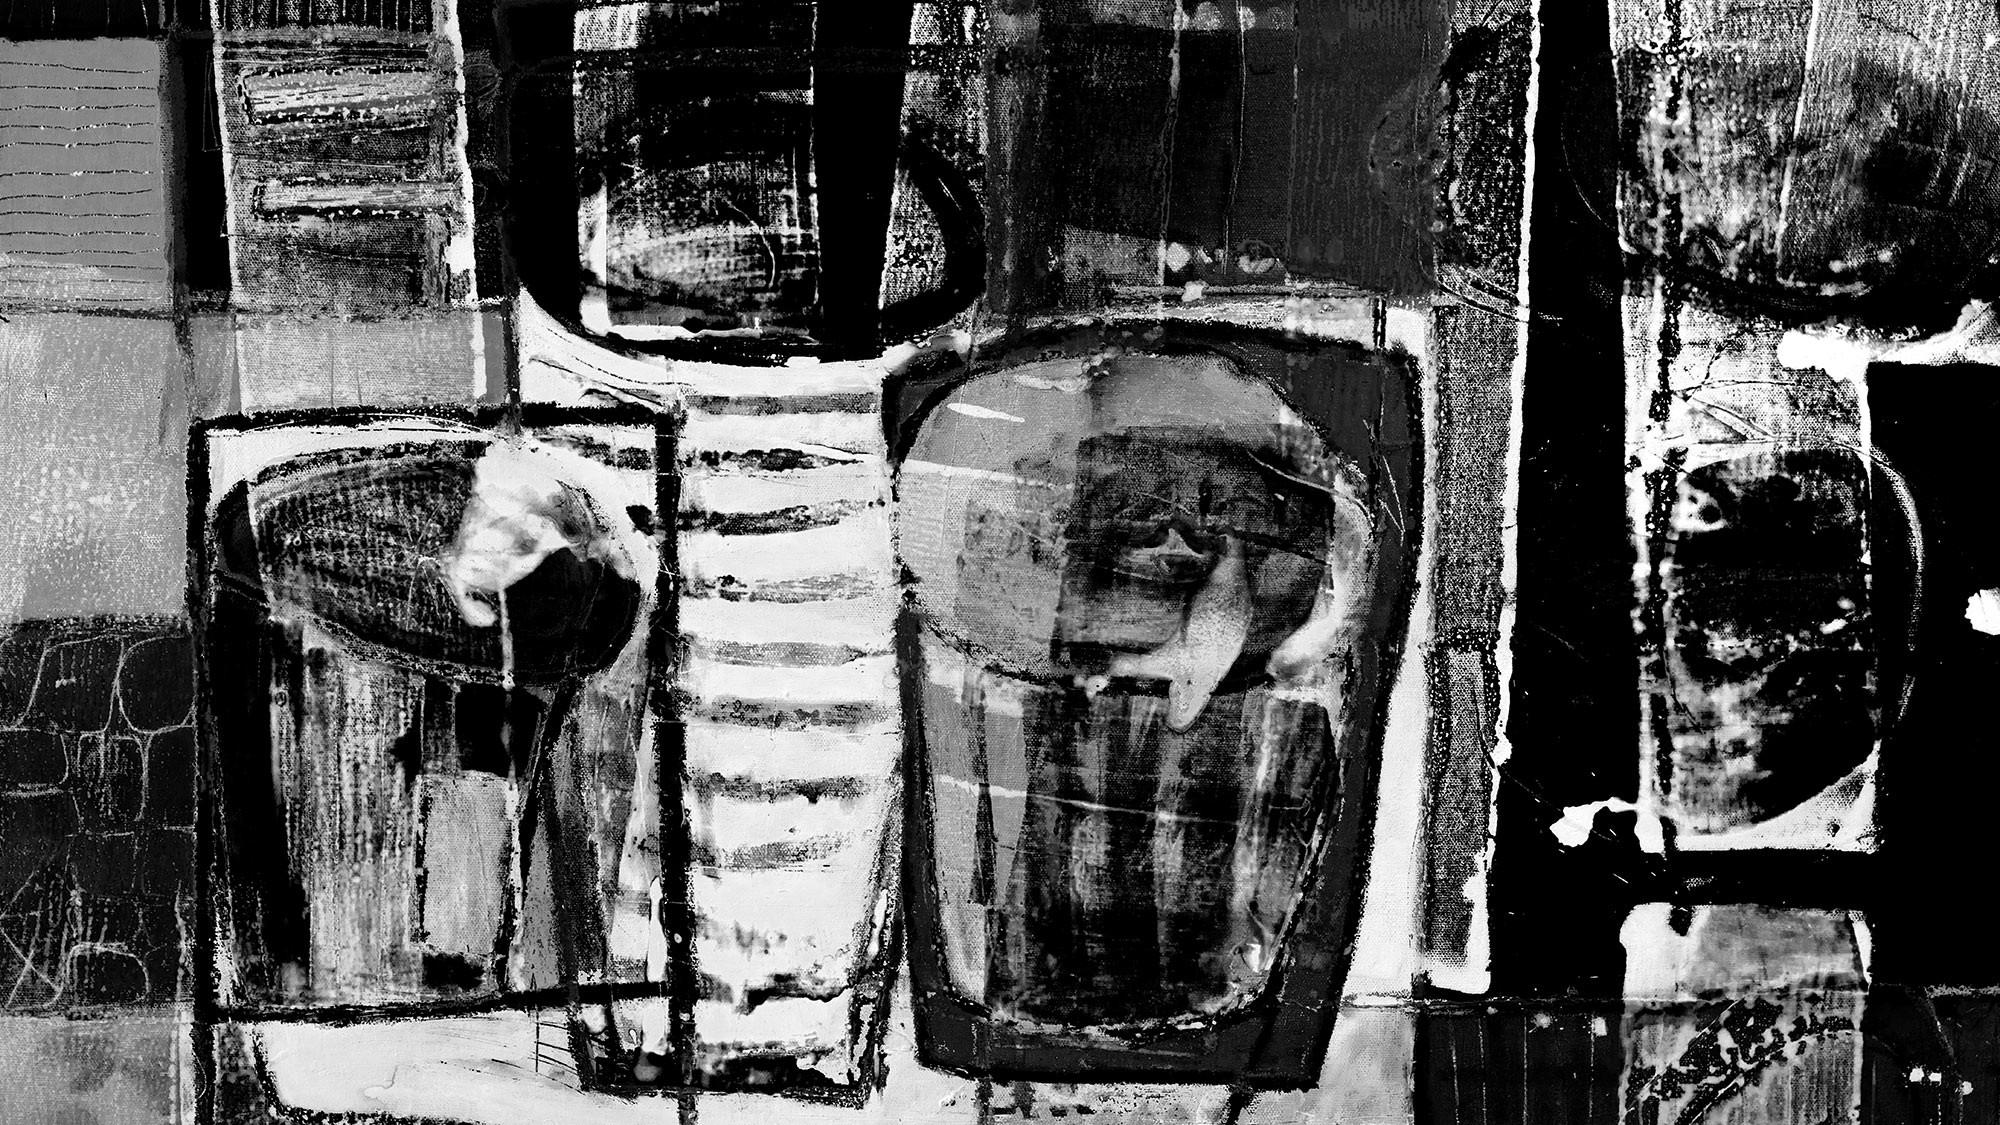 Drinks Spilling grey-black